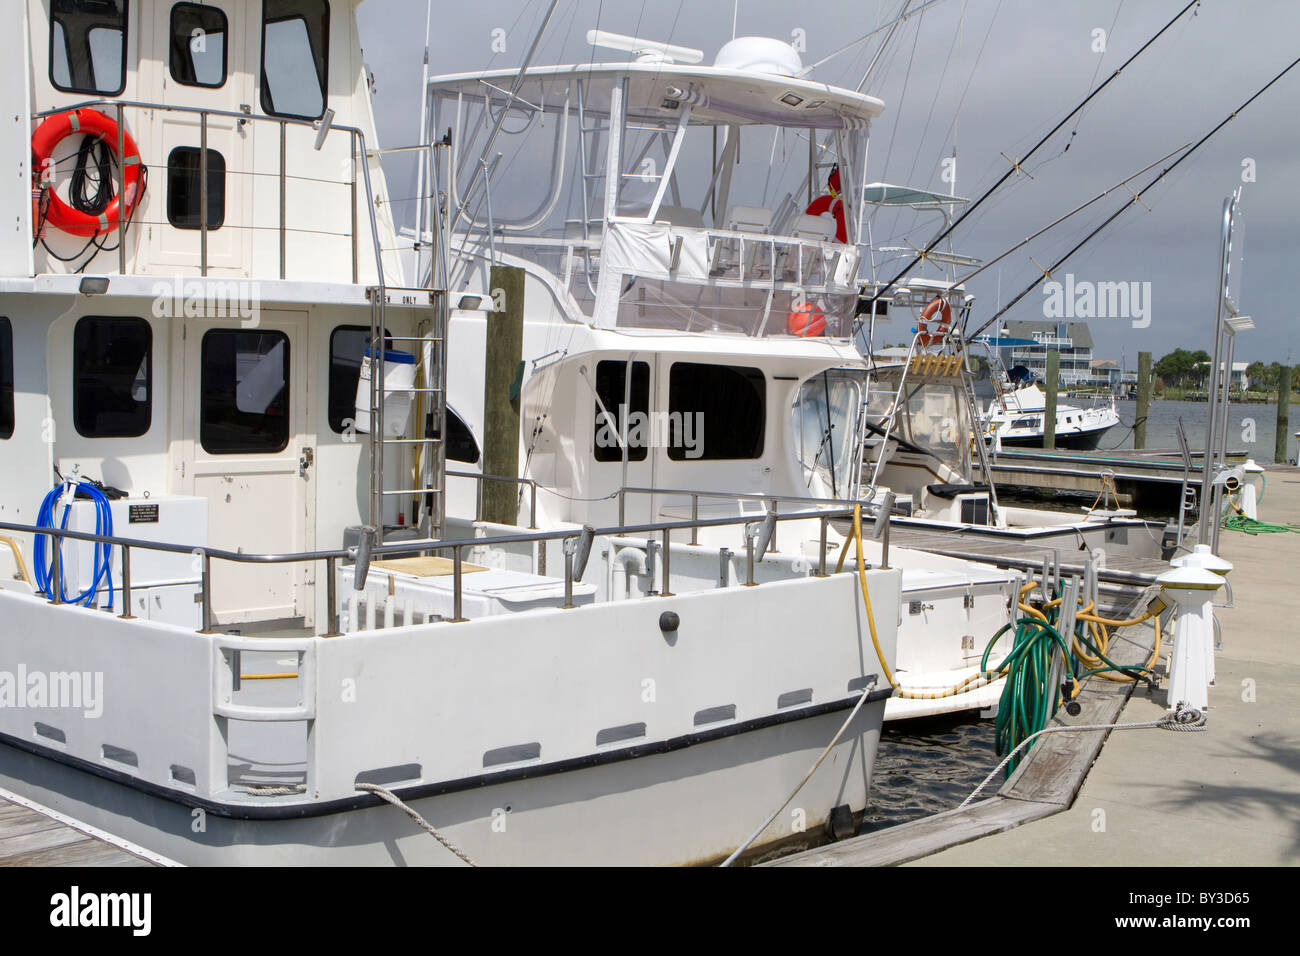 La location de bateaux de pêche au repos sur le quai. Photo Stock